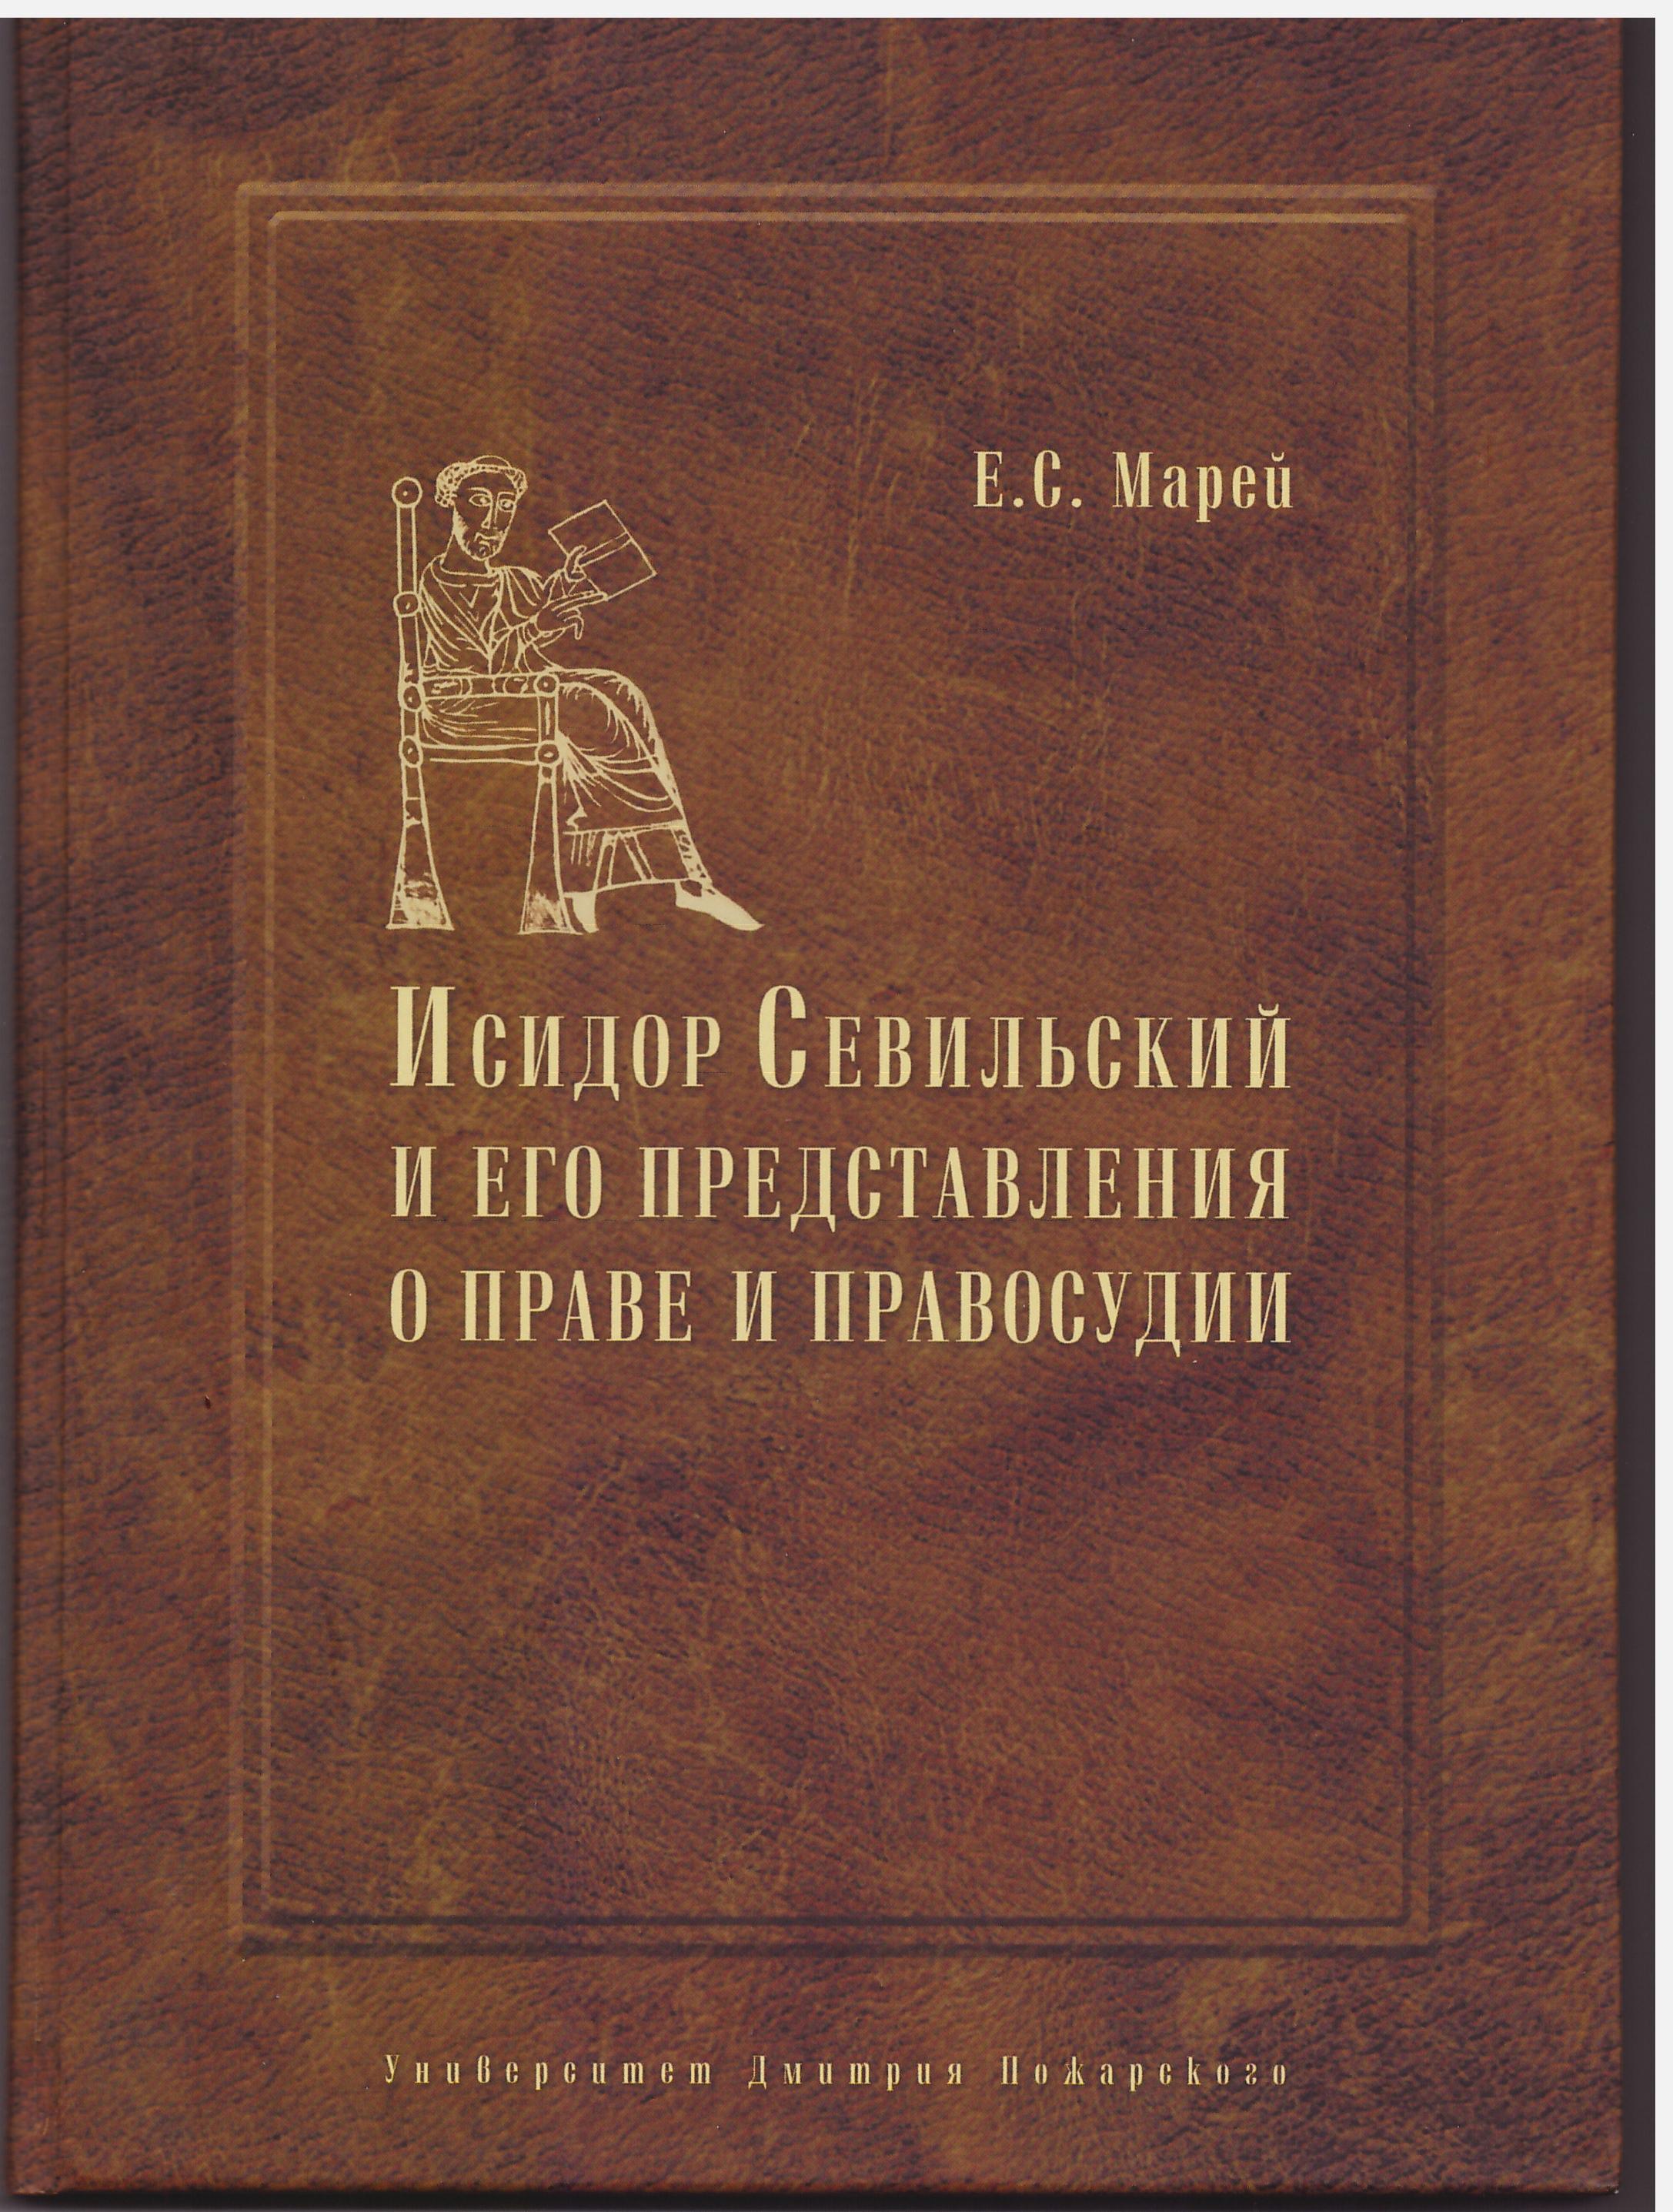 Энциклопедист, богослов, юрист: Исидор Севильский и его представления о праве и правосудии